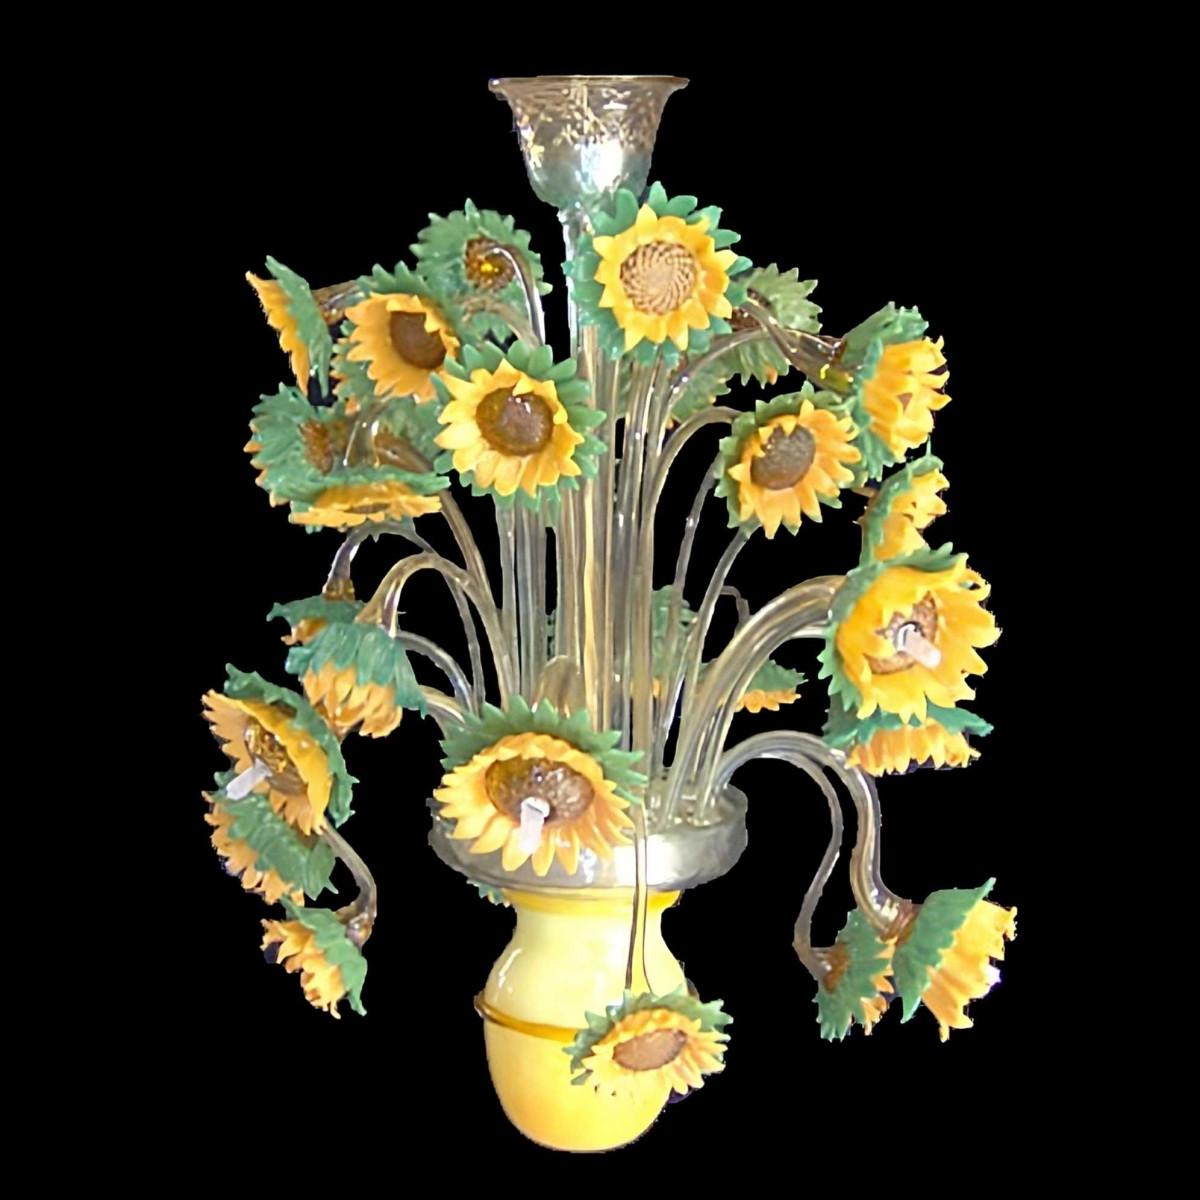 Girasoli (girasol) Araña de cristal de Murano 9 luces